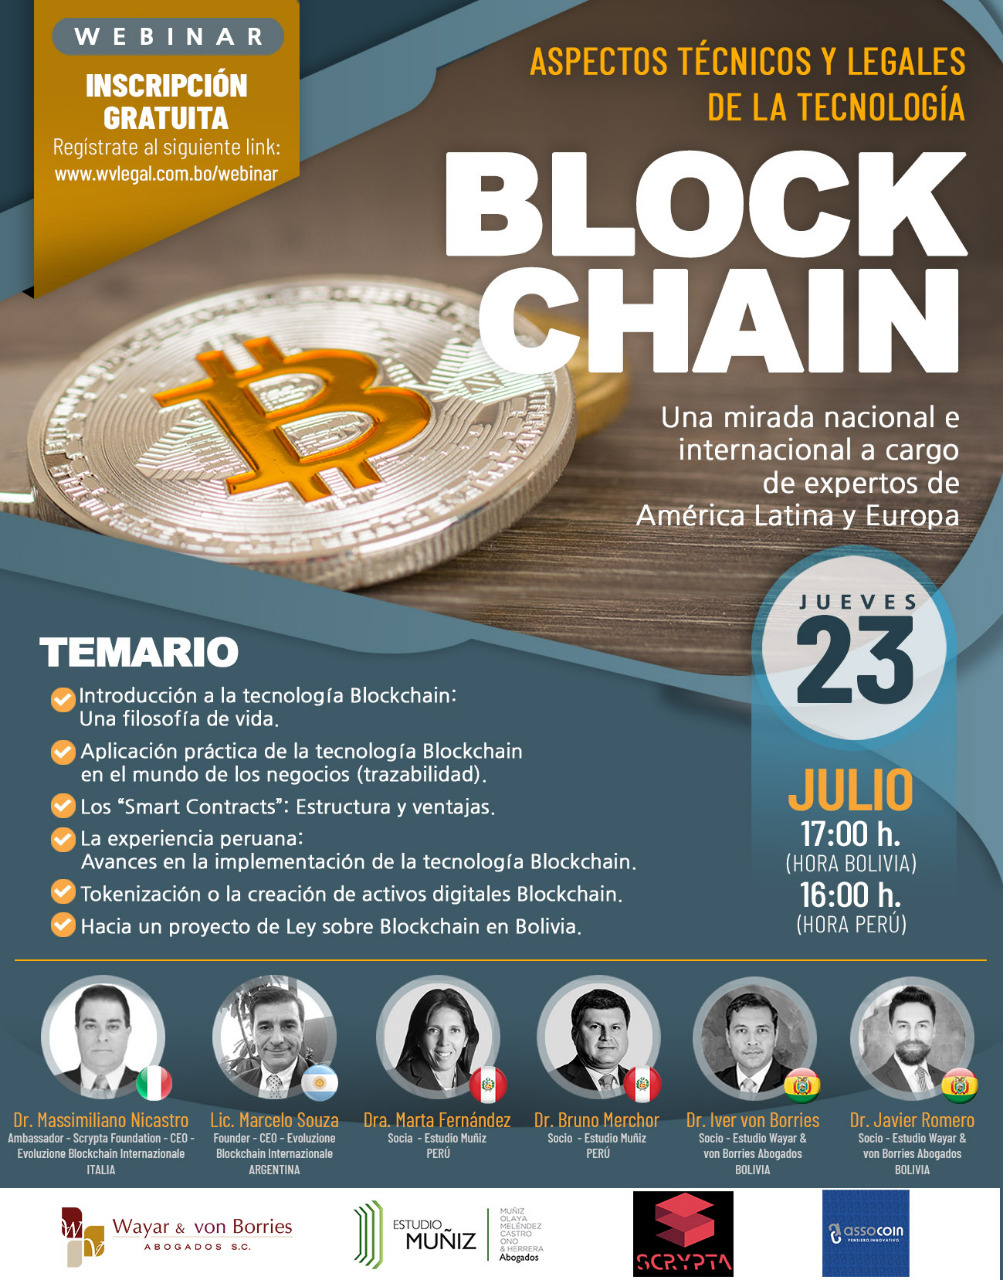 Aspector Tecnicos y Legales en Blockchain